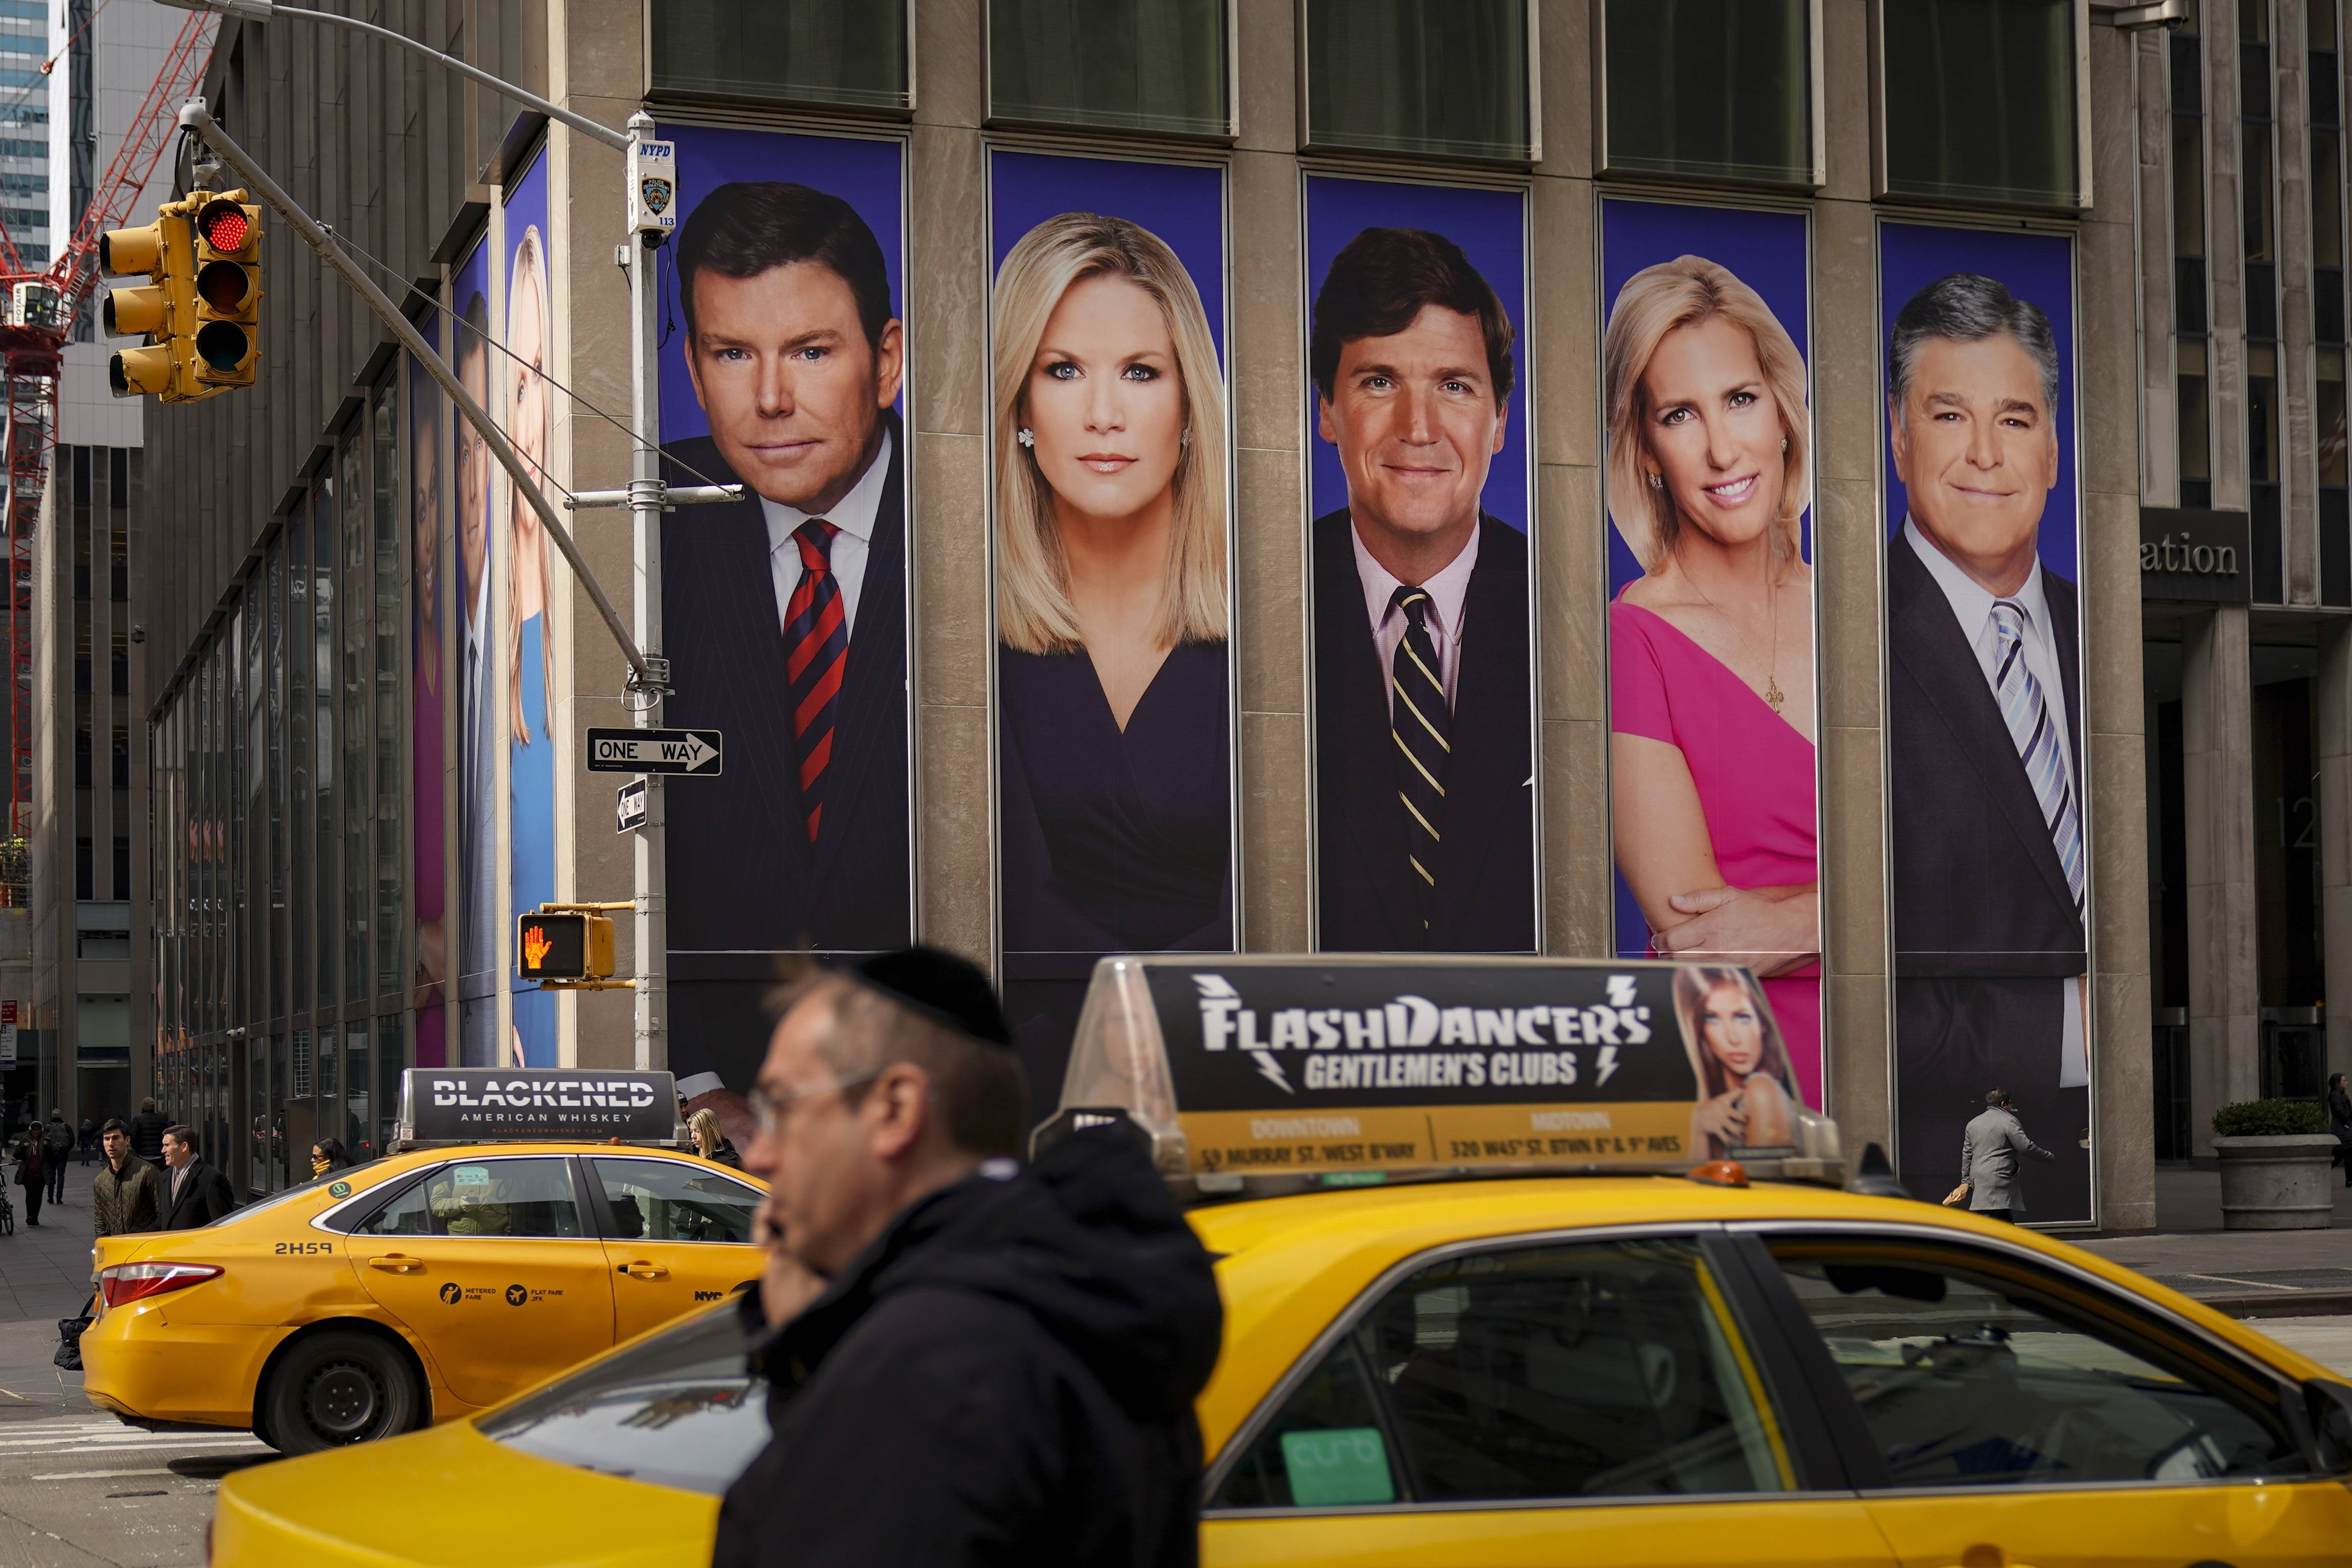 """يتمتع مذيعو """"فوكس نيوز"""" بشعبية واسعة ومؤثرة في الولايات المتحدة"""